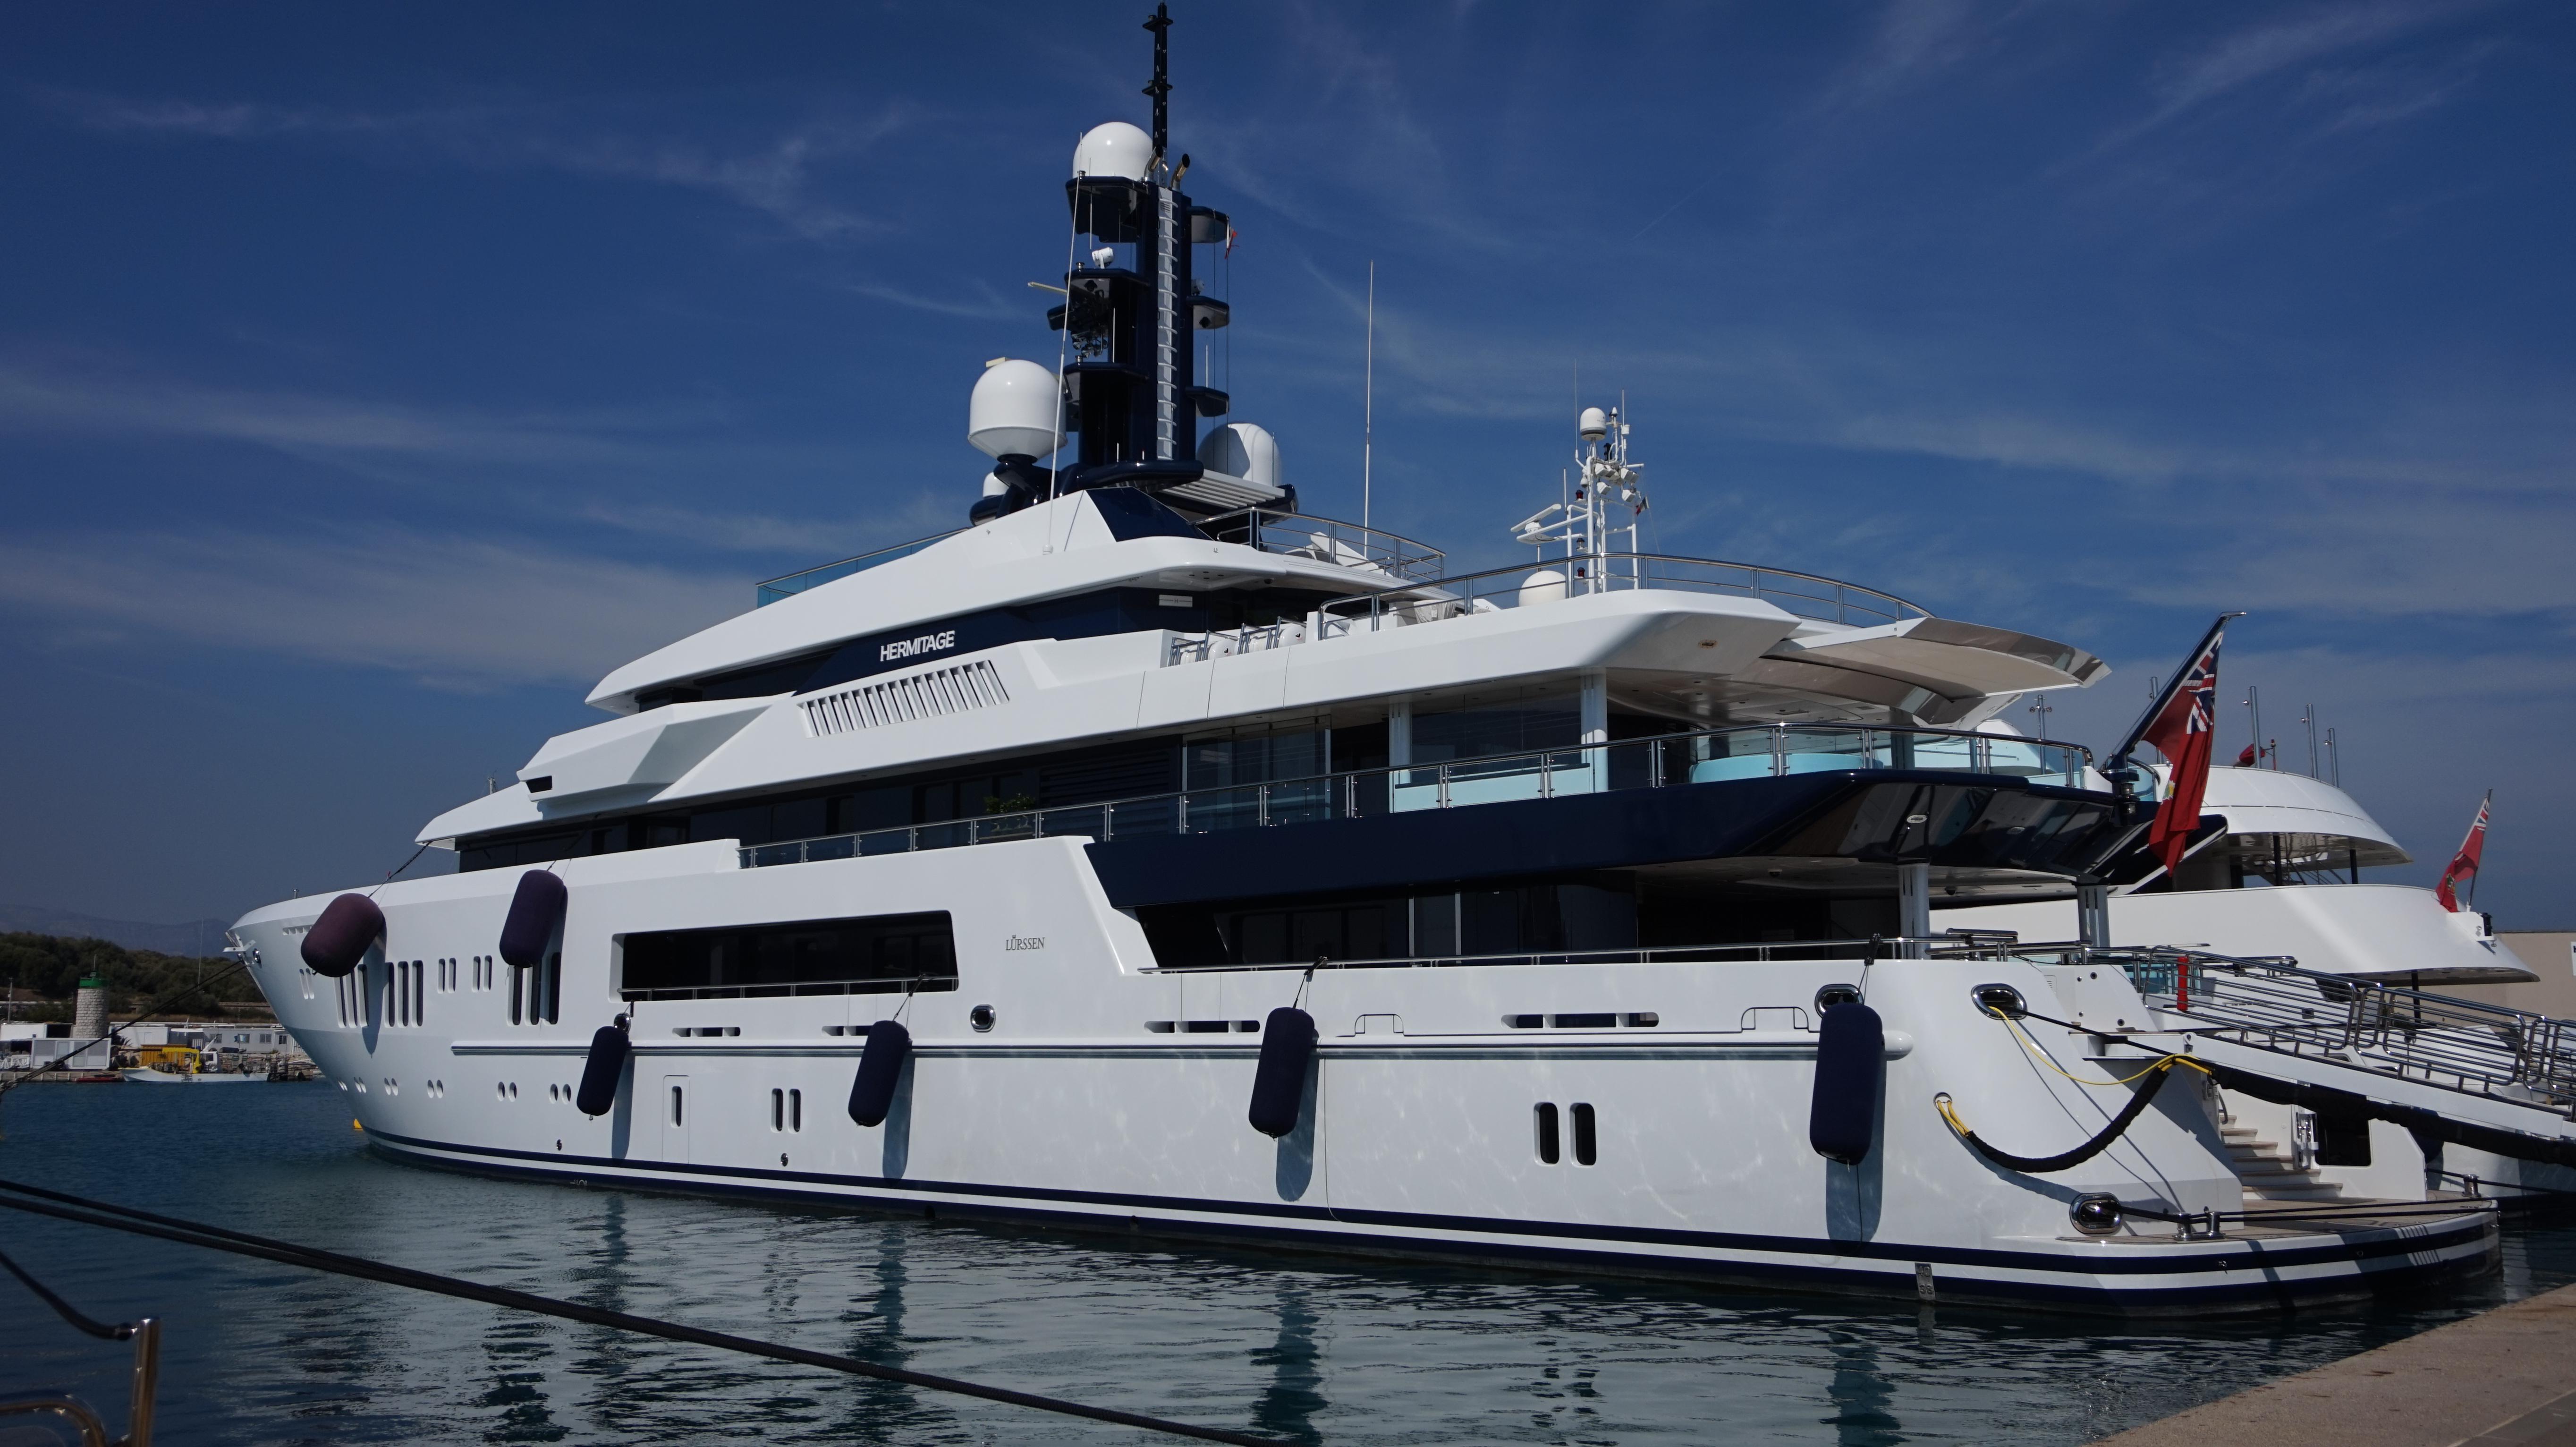 68 Meter Superyacht Hermitage im Hafen von Antibes 2014